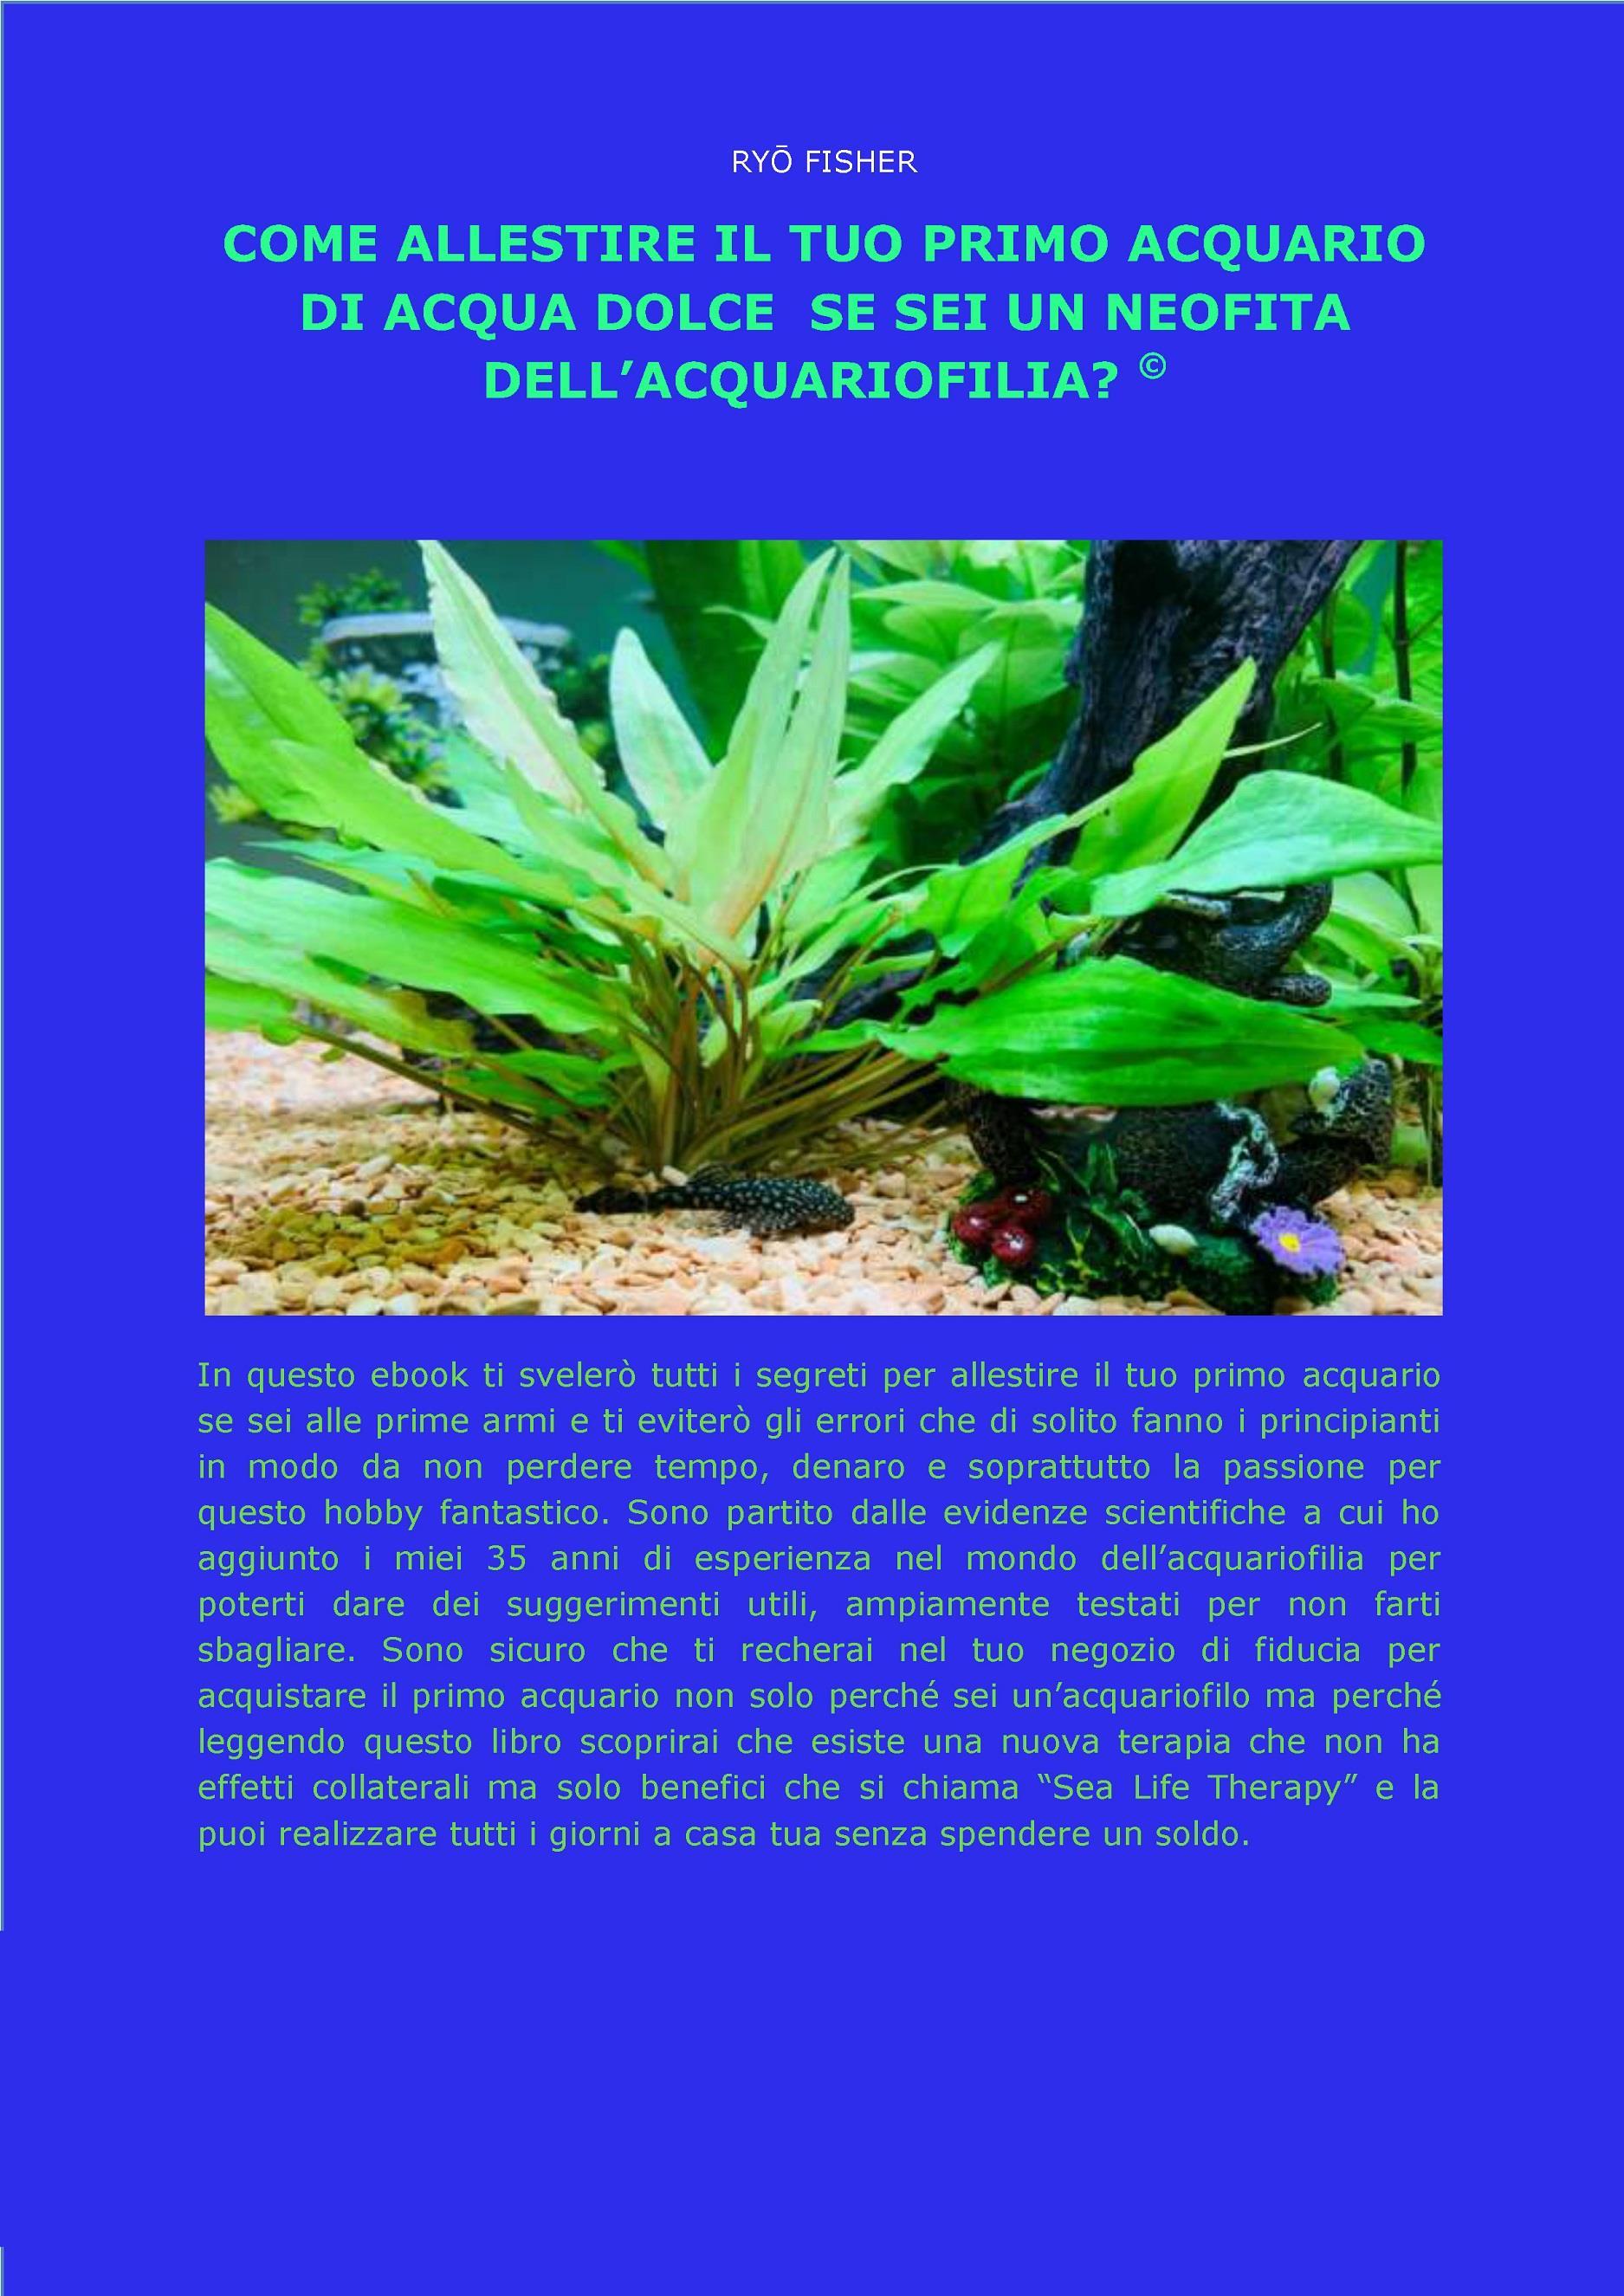 Come allestire il tuo primo acquario di acqua dolce  se sei un neofita dell'acquariofilia?©